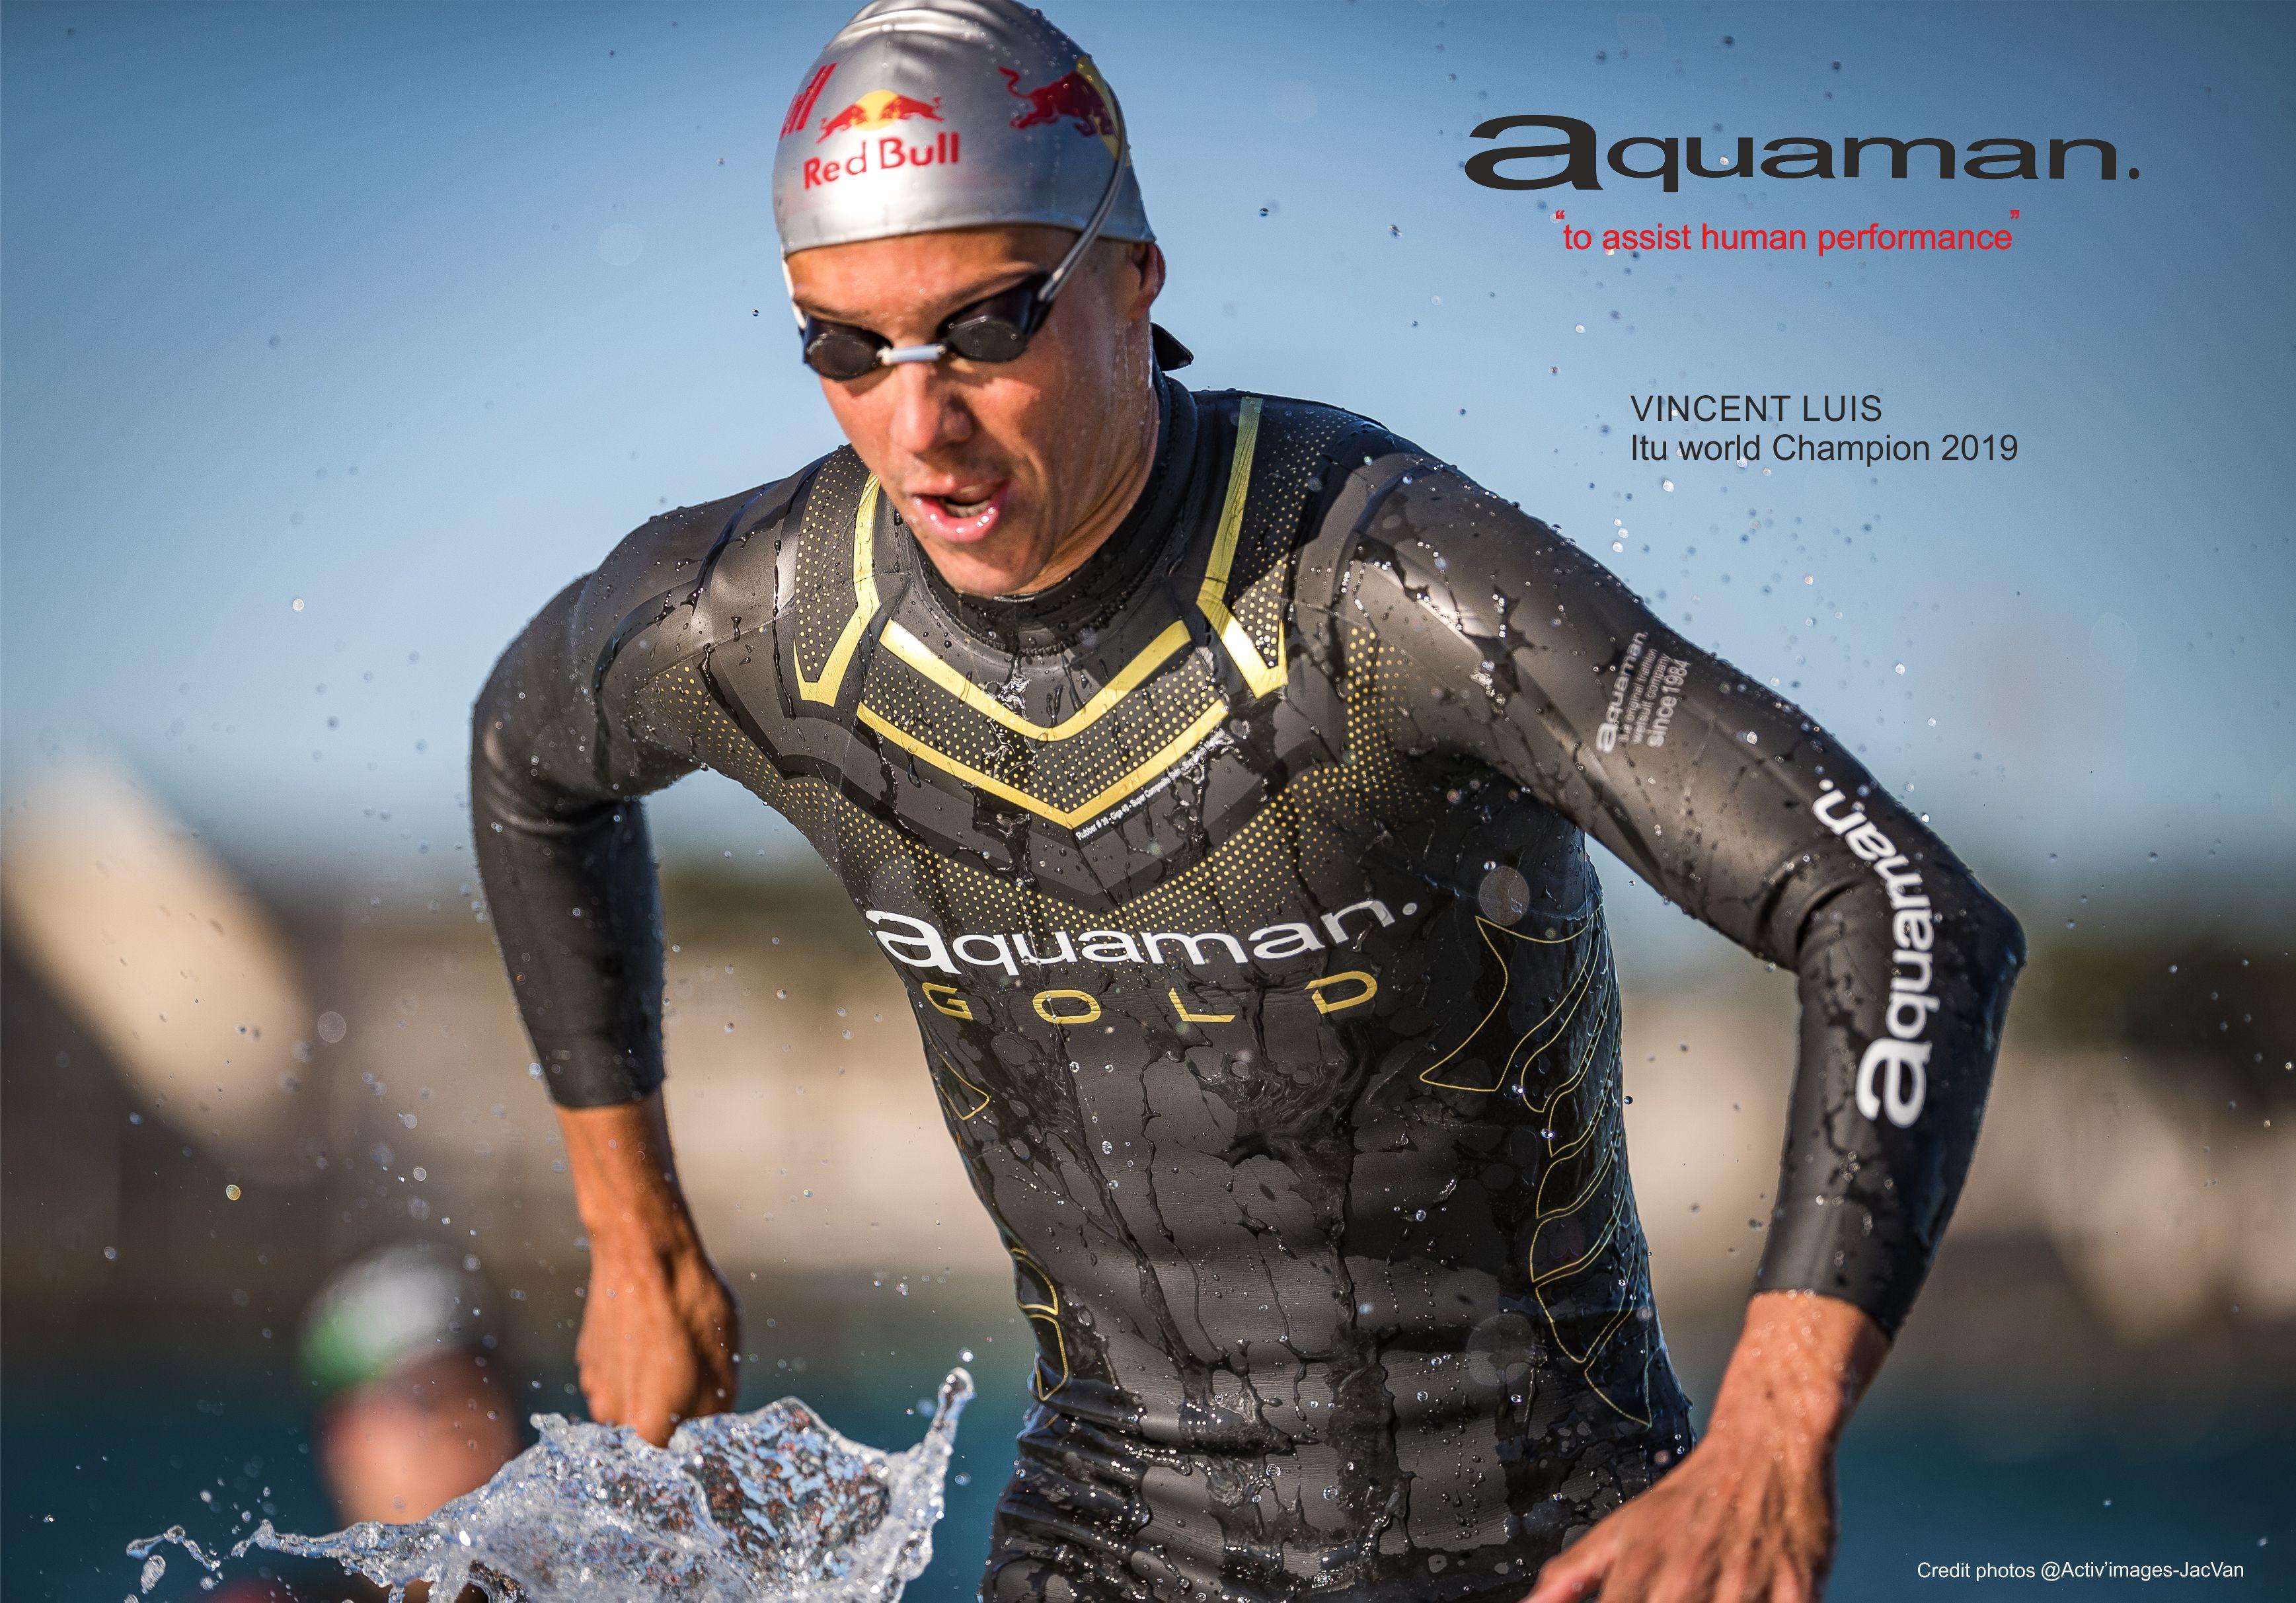 ροπόνηση Κολύμβησης : H επίδραση του wetsuit στην αθλητική επίδοση κολυμβητών και τριαθλητών